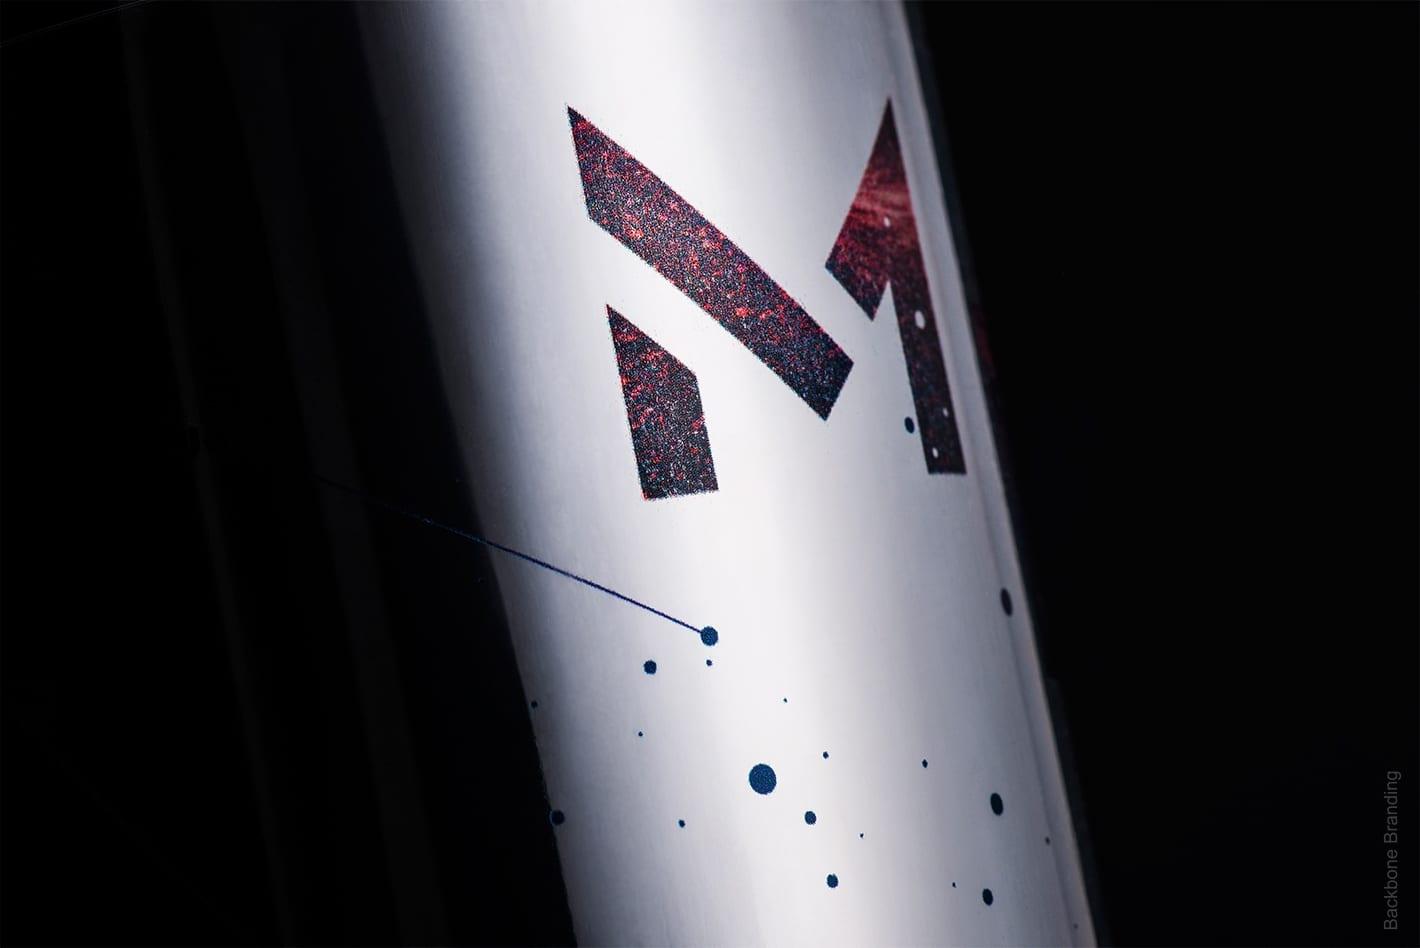 Messier 53 Wine Backbone 11 - Ach, tie obaly – Messier 53 Wine